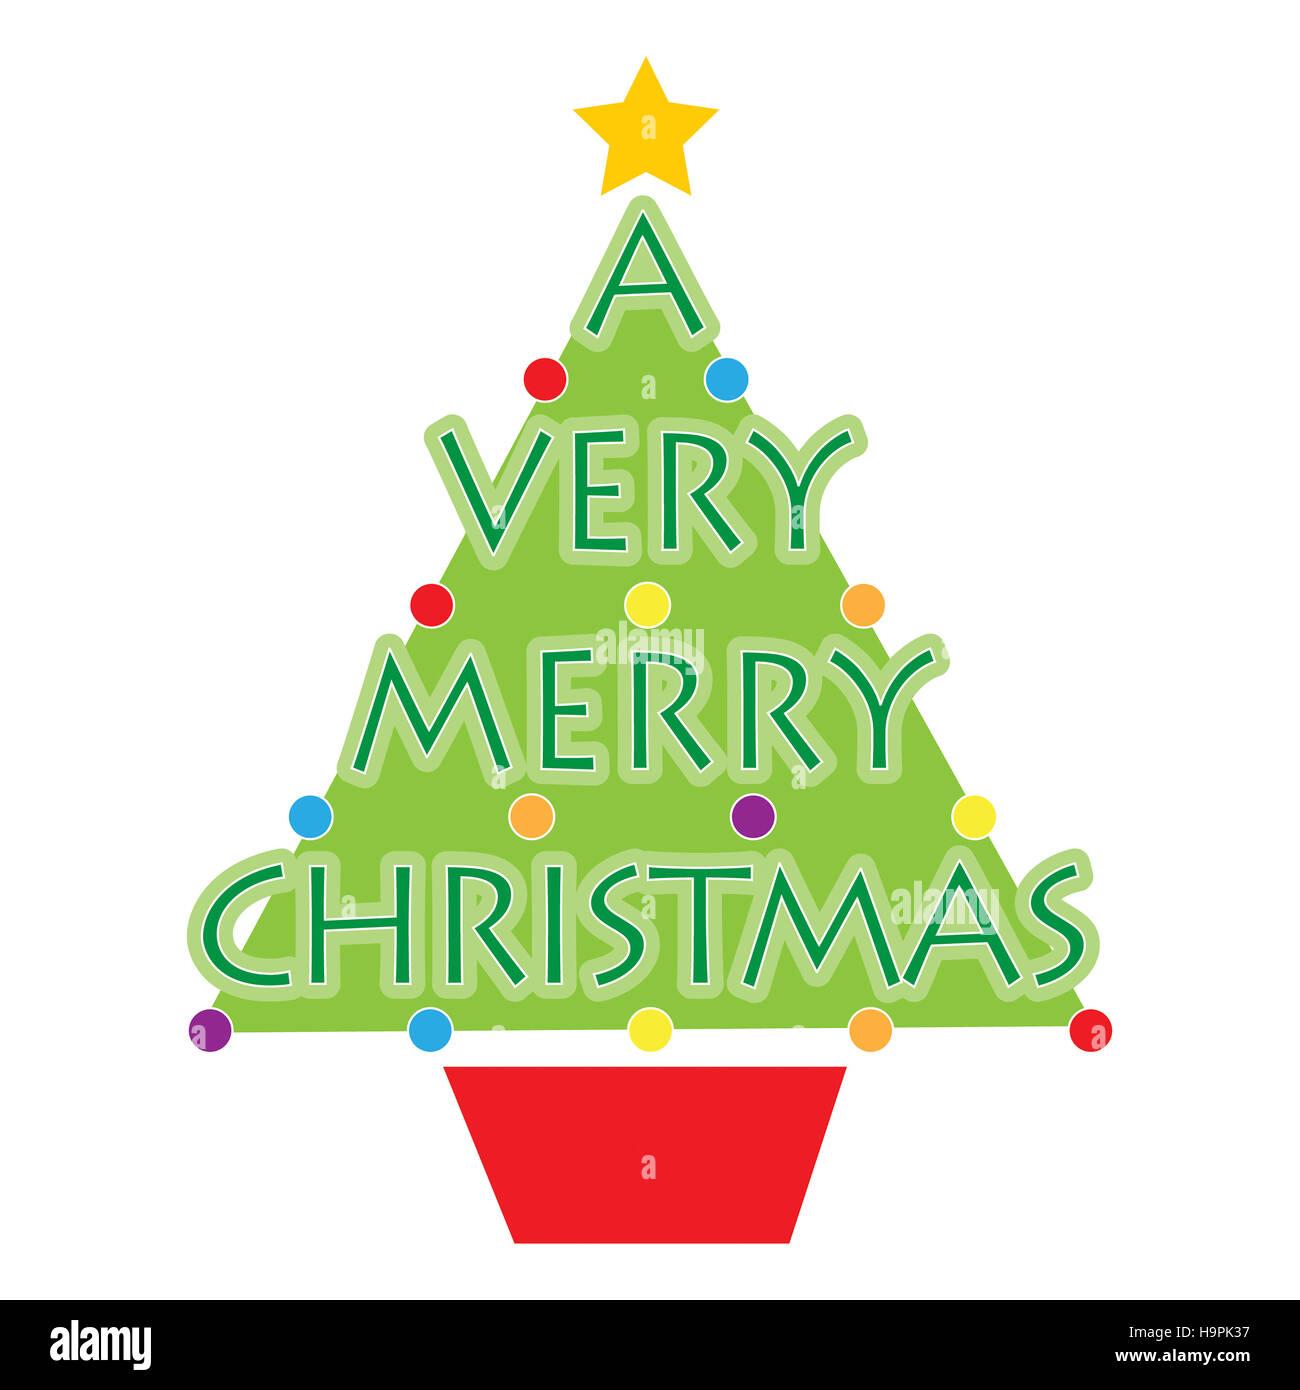 Immagini Natalizie Stilizzate.Stilizzato Di Un Albero Di Natale Con Le Parole Di Un Molto Buon